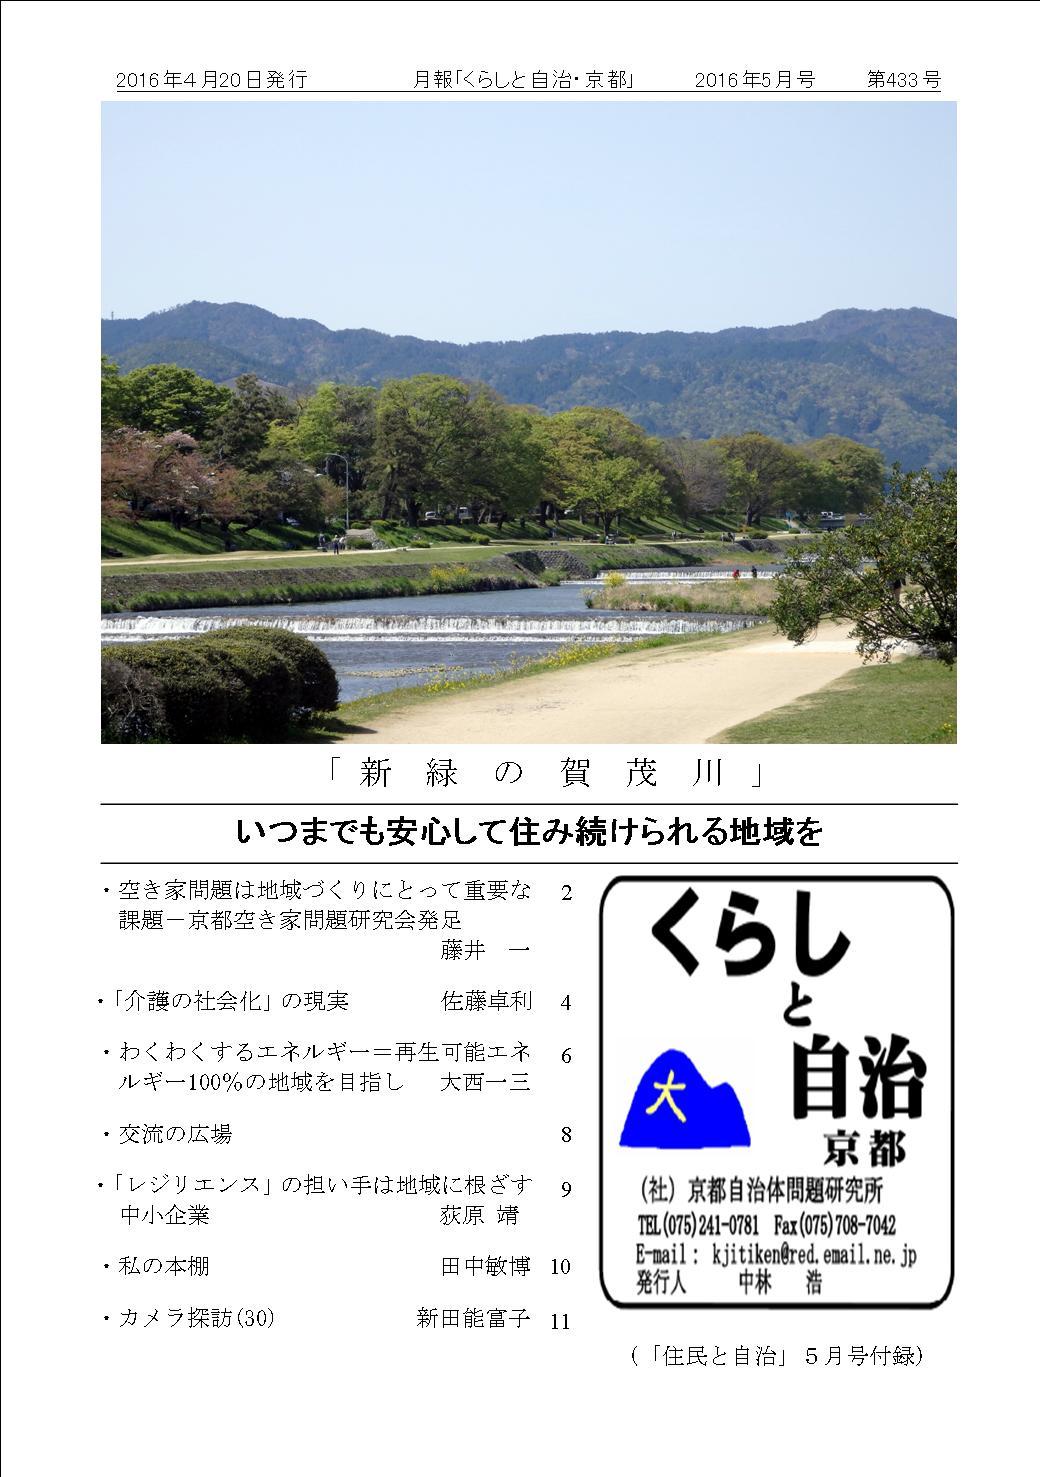 月報「くらしと自治・京都」2015年05月号 第433号